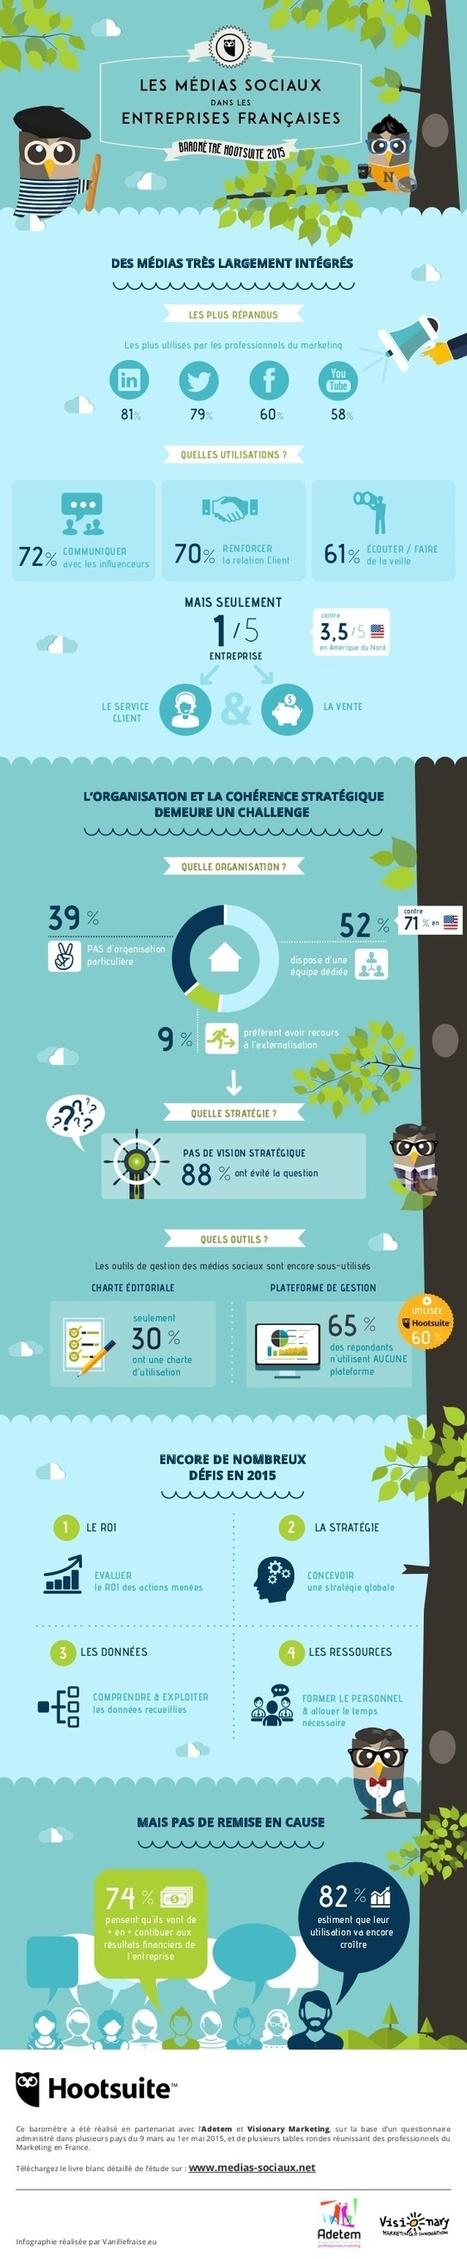 Social media | Les médias sociaux dans les entreprises françaises - Juillet 2015 (infographie Hootsuite) | Webmarketing infographics - La French Touch digitale en images | Scoop.it